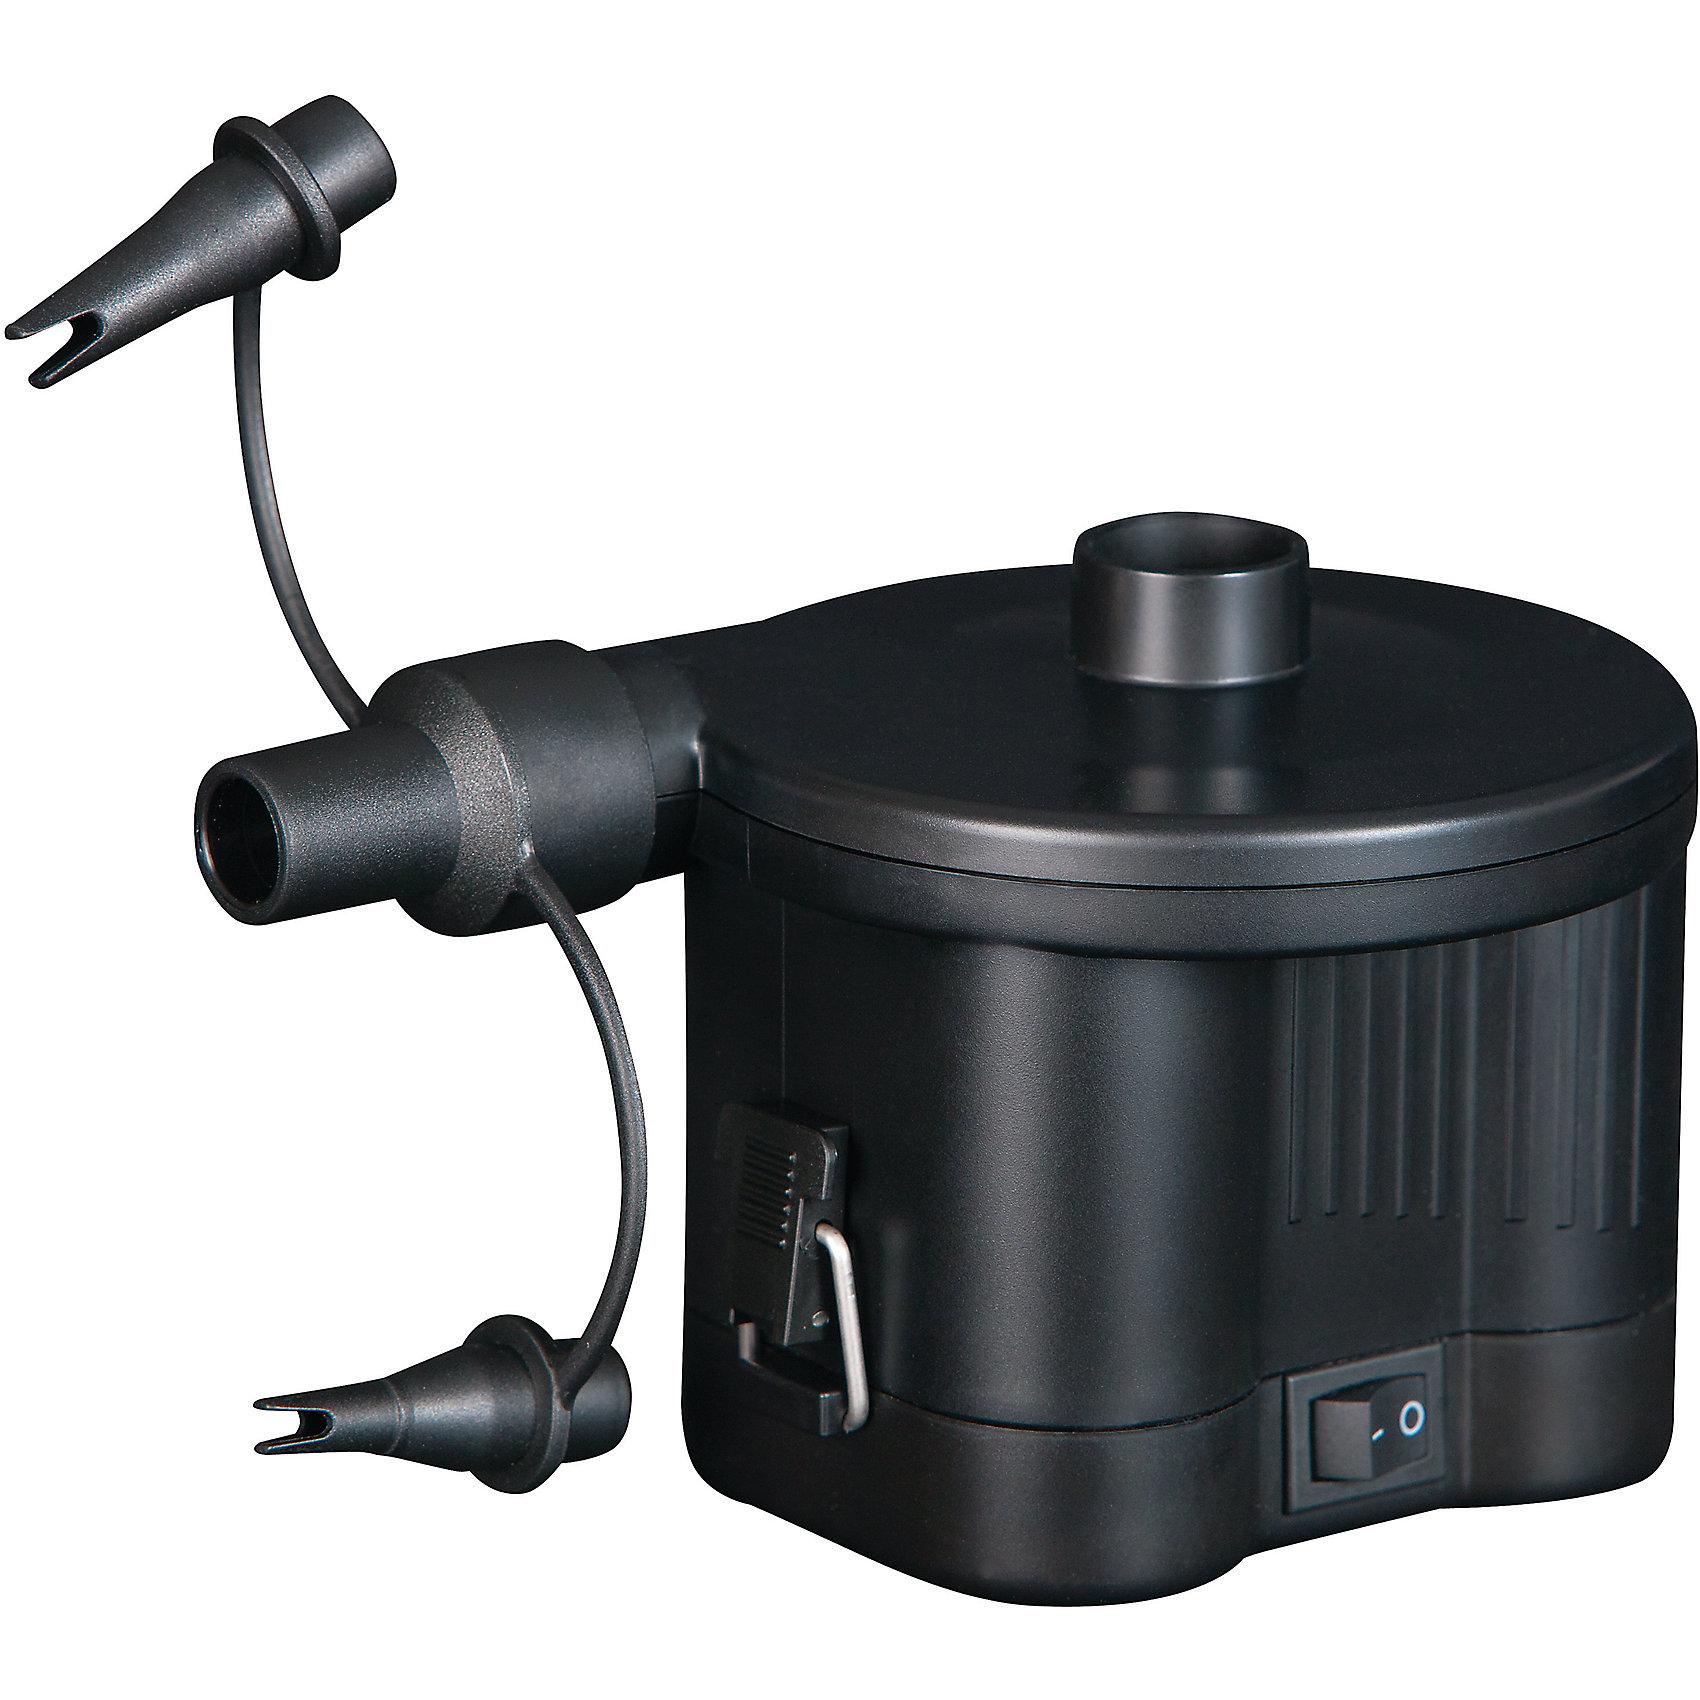 Насос электрический 6В на батарейках, BestwayНасосы и аксессуары для бассейнов<br>Характеристики товара:<br><br>• материал: пластик<br>• цвет: черный<br>• размер: 11х13,5 см<br>• комплектация: насос, три различные по размеру переходника (1,8см/0,8см/0,5см)<br>• напряжение: 6В<br>• легкий прочный материал<br>• для накачивания бассейнов, мячей, игрушек, воздушных шаров, надувных подушек, матрасов и др<br>• батарейки: 4(LR20/D Cell)<br>• страна бренда: США, Китай<br>• страна производства: Китай<br><br>Летом не обойтись без надувных мячей, бассейнов, матрасов, кругов для плавания, а также различных игрушек, подушек и т.д. Чтобы быстро надуть такие изделия, проще всего приобрести небольшой насос, с его помощью накачать вещь воздухом можно быстро и без усилий.<br><br>Предмет сделан из прочного материала, но легкого, насос мало весит, поэтому его удобно брать с собой. Изделие произведено из качественных и безопасных для детей материалов.<br><br>Насос электрический 6В на батарейках от бренда Bestway (Бествей) можно купить в нашем интернет-магазине.<br><br>Ширина мм: 120<br>Глубина мм: 118<br>Высота мм: 110<br>Вес г: 316<br>Возраст от месяцев: 144<br>Возраст до месяцев: 1188<br>Пол: Унисекс<br>Возраст: Детский<br>SKU: 4632826